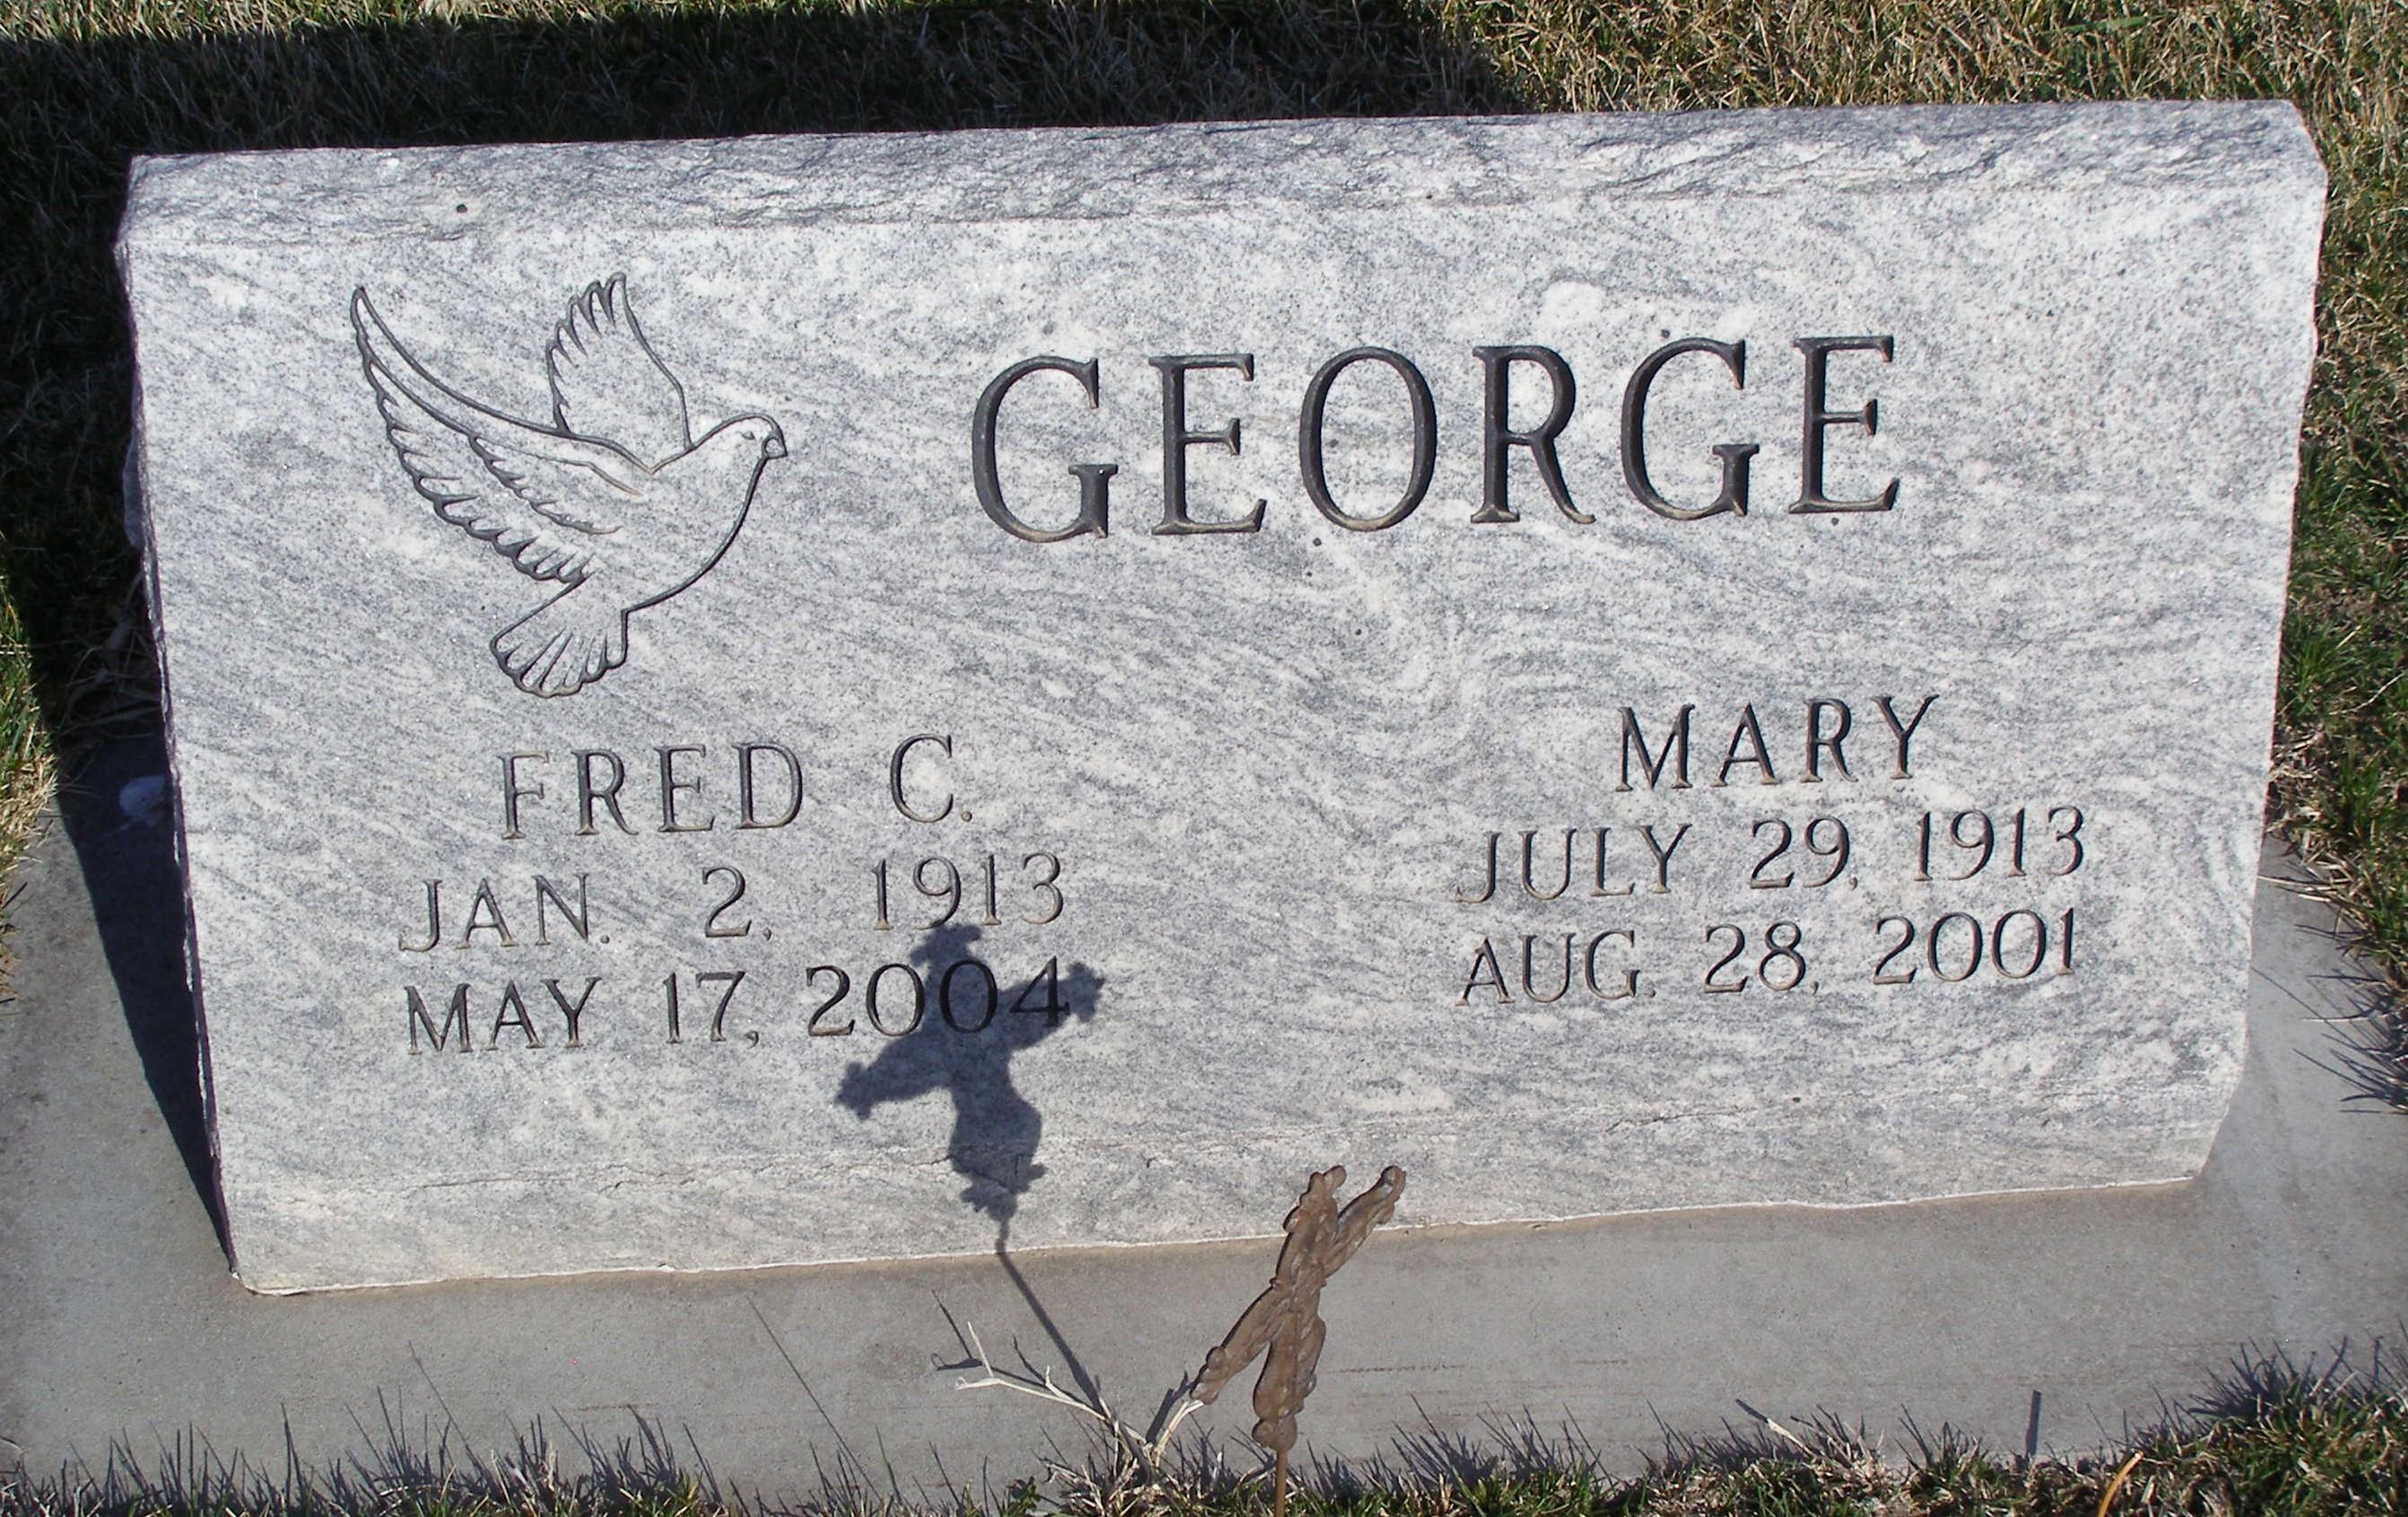 Fred C George